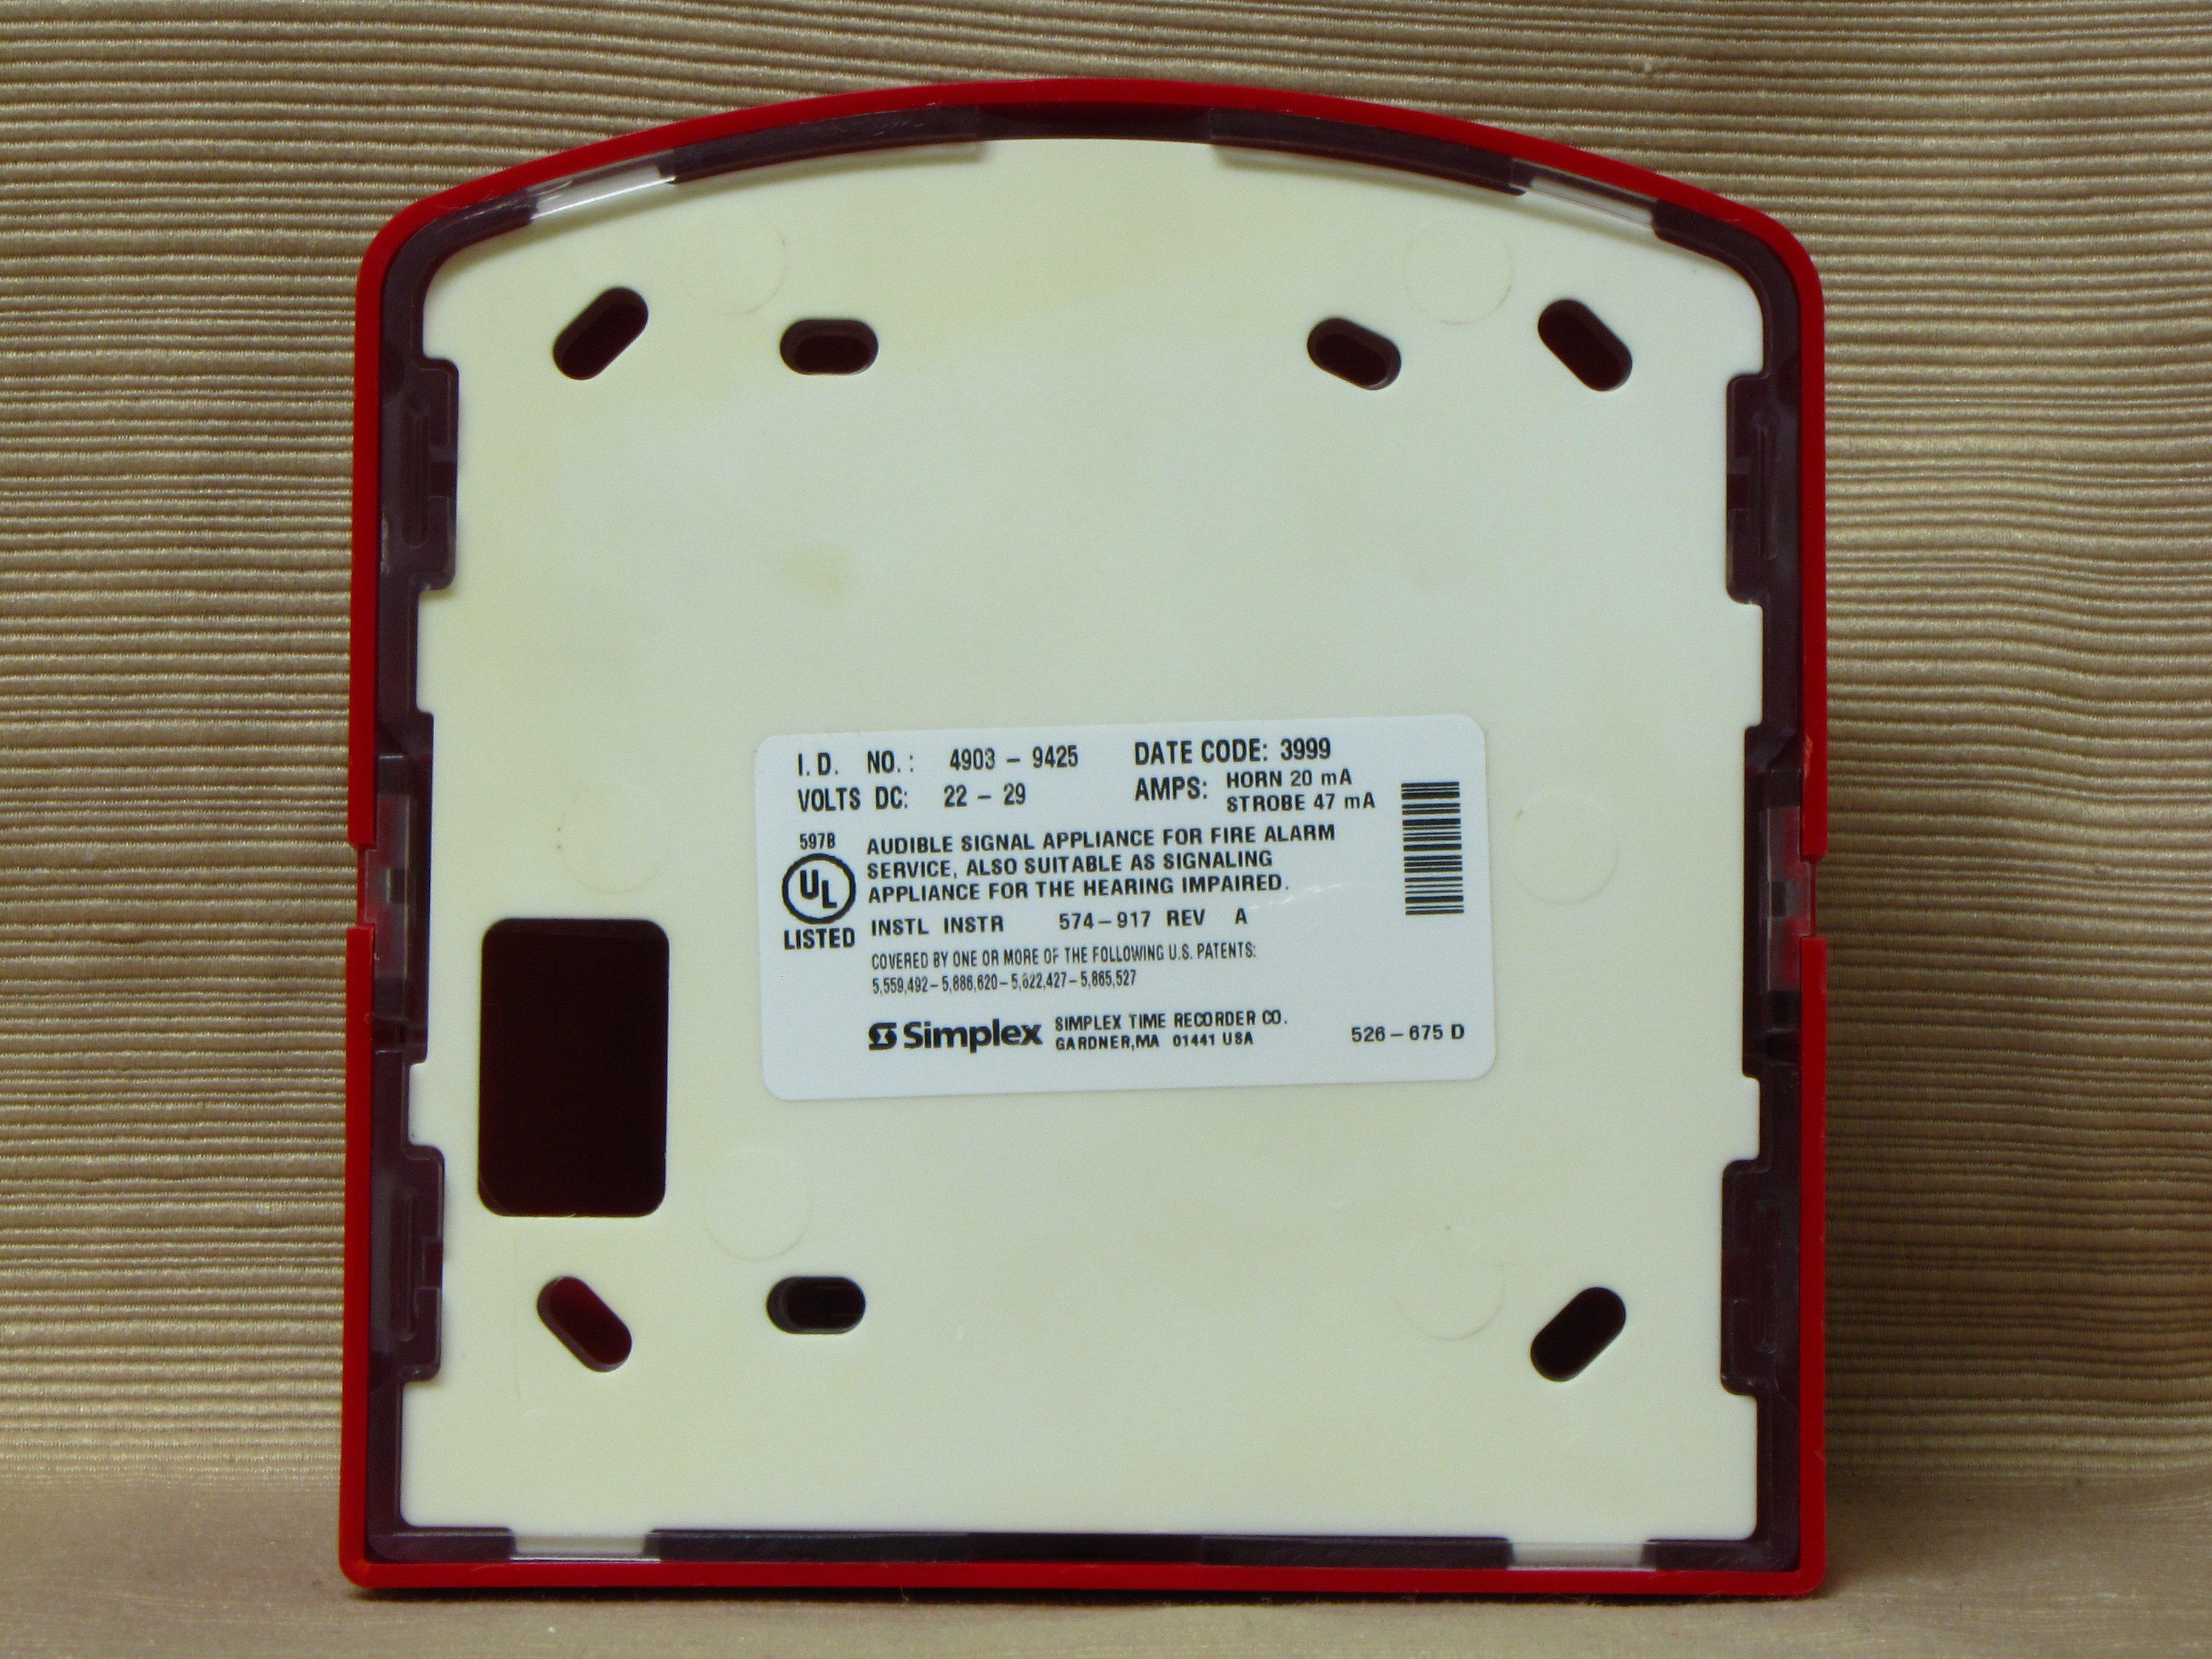 Simplex 4903 9425 additionally Simplex additionally Simplex 2098 9201 in addition Simplex 4903 9425 additionally Fire Strobe. on simplex 4903 9425